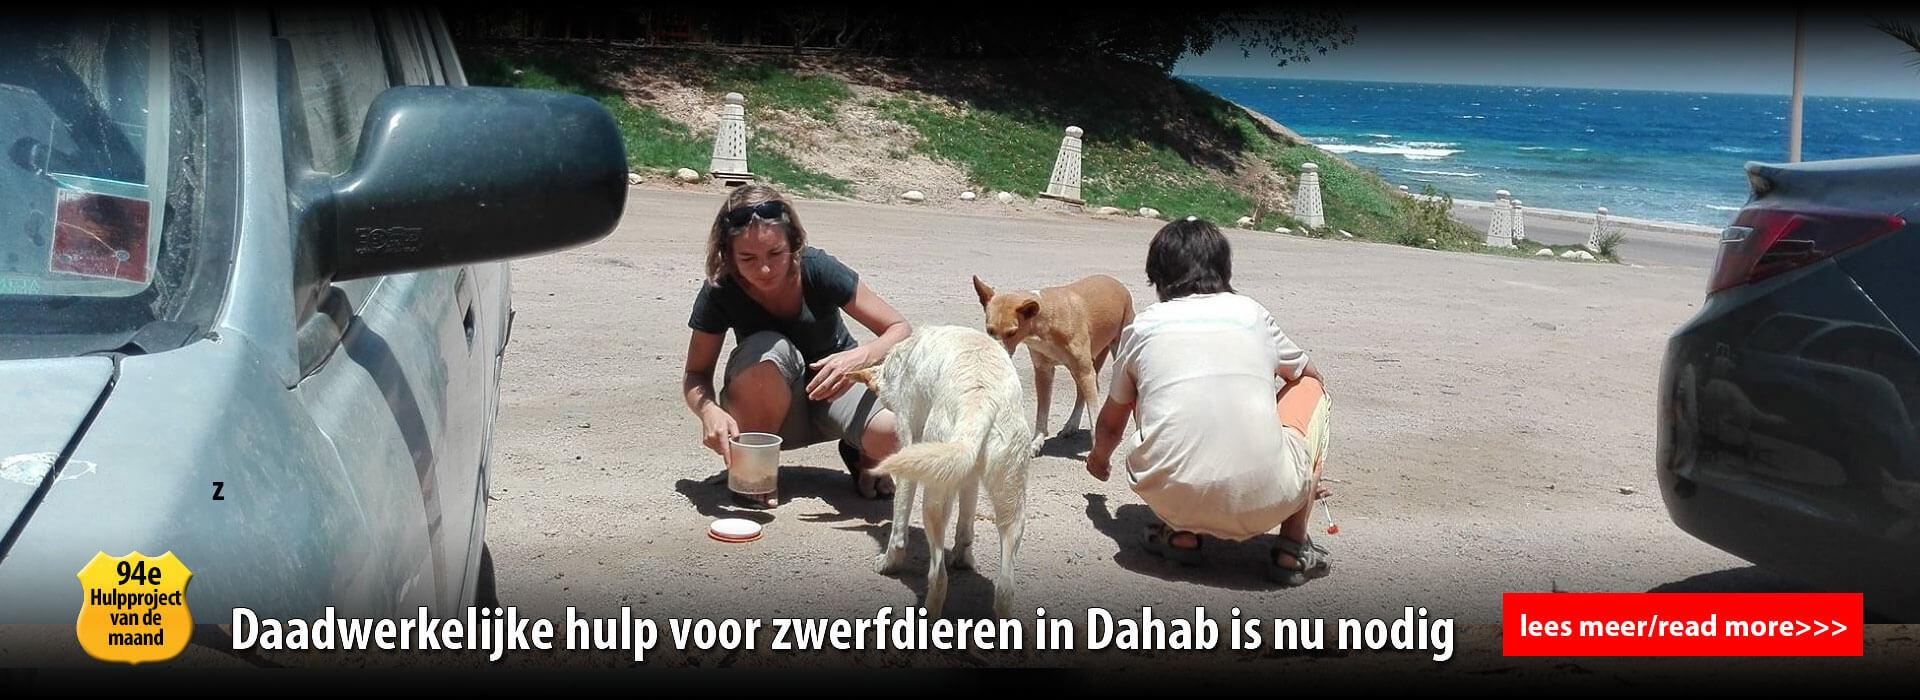 diashow dia 3 - honden voeren op straat